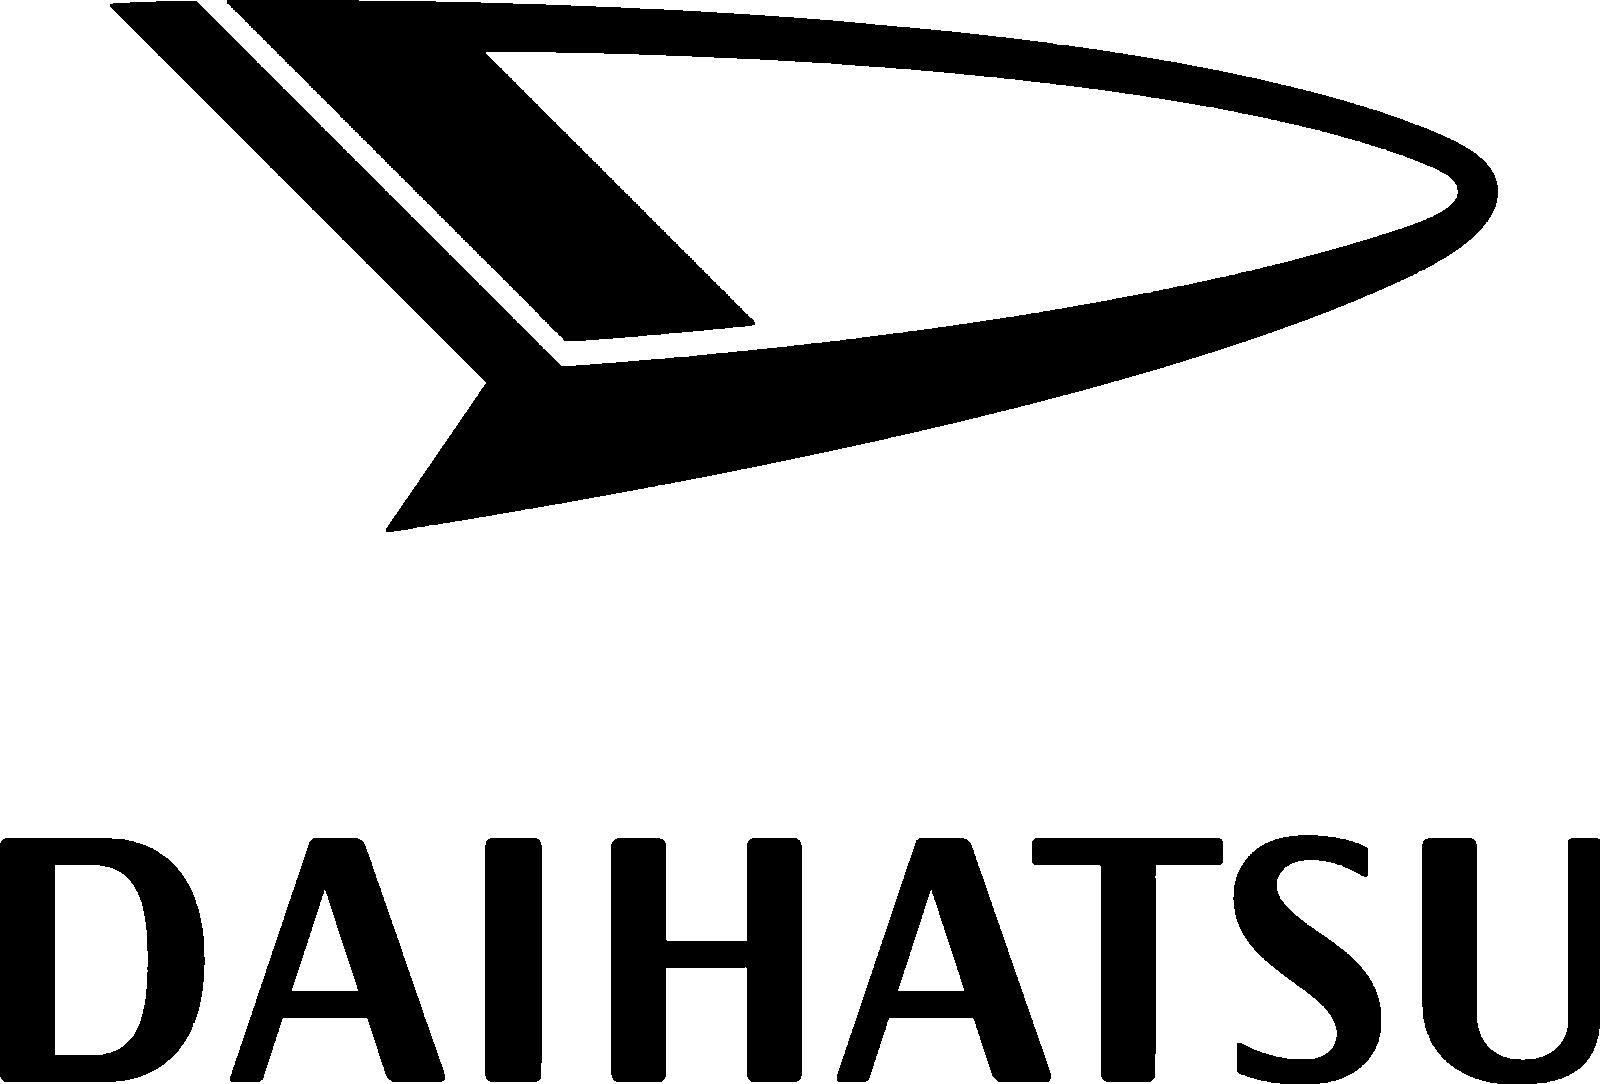 daihatsu logo hd png meaning information carlogosorg